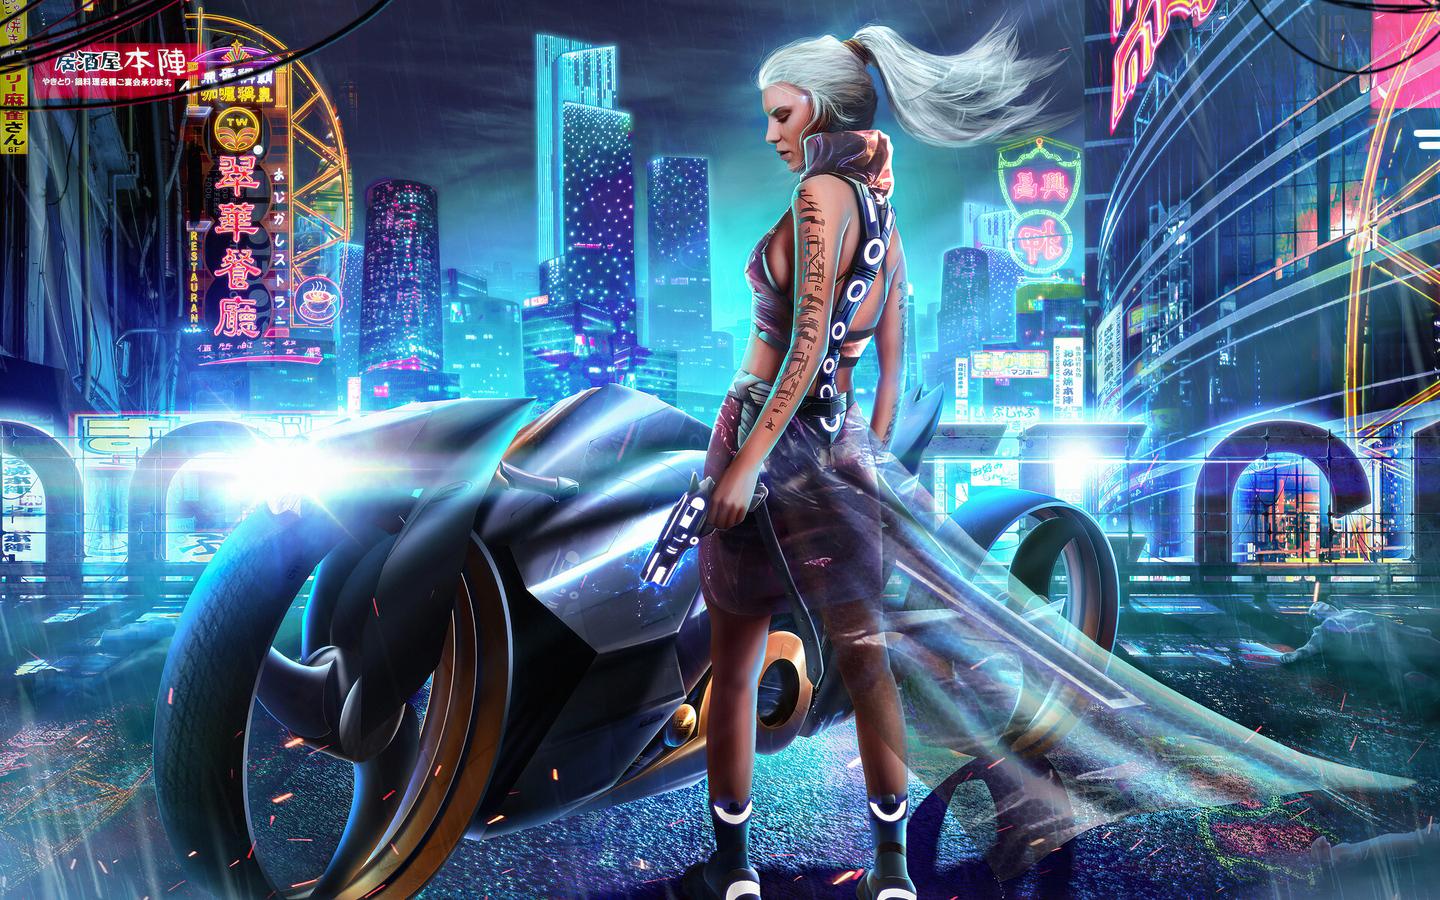 cyber-city-girl-bike-t4.jpg